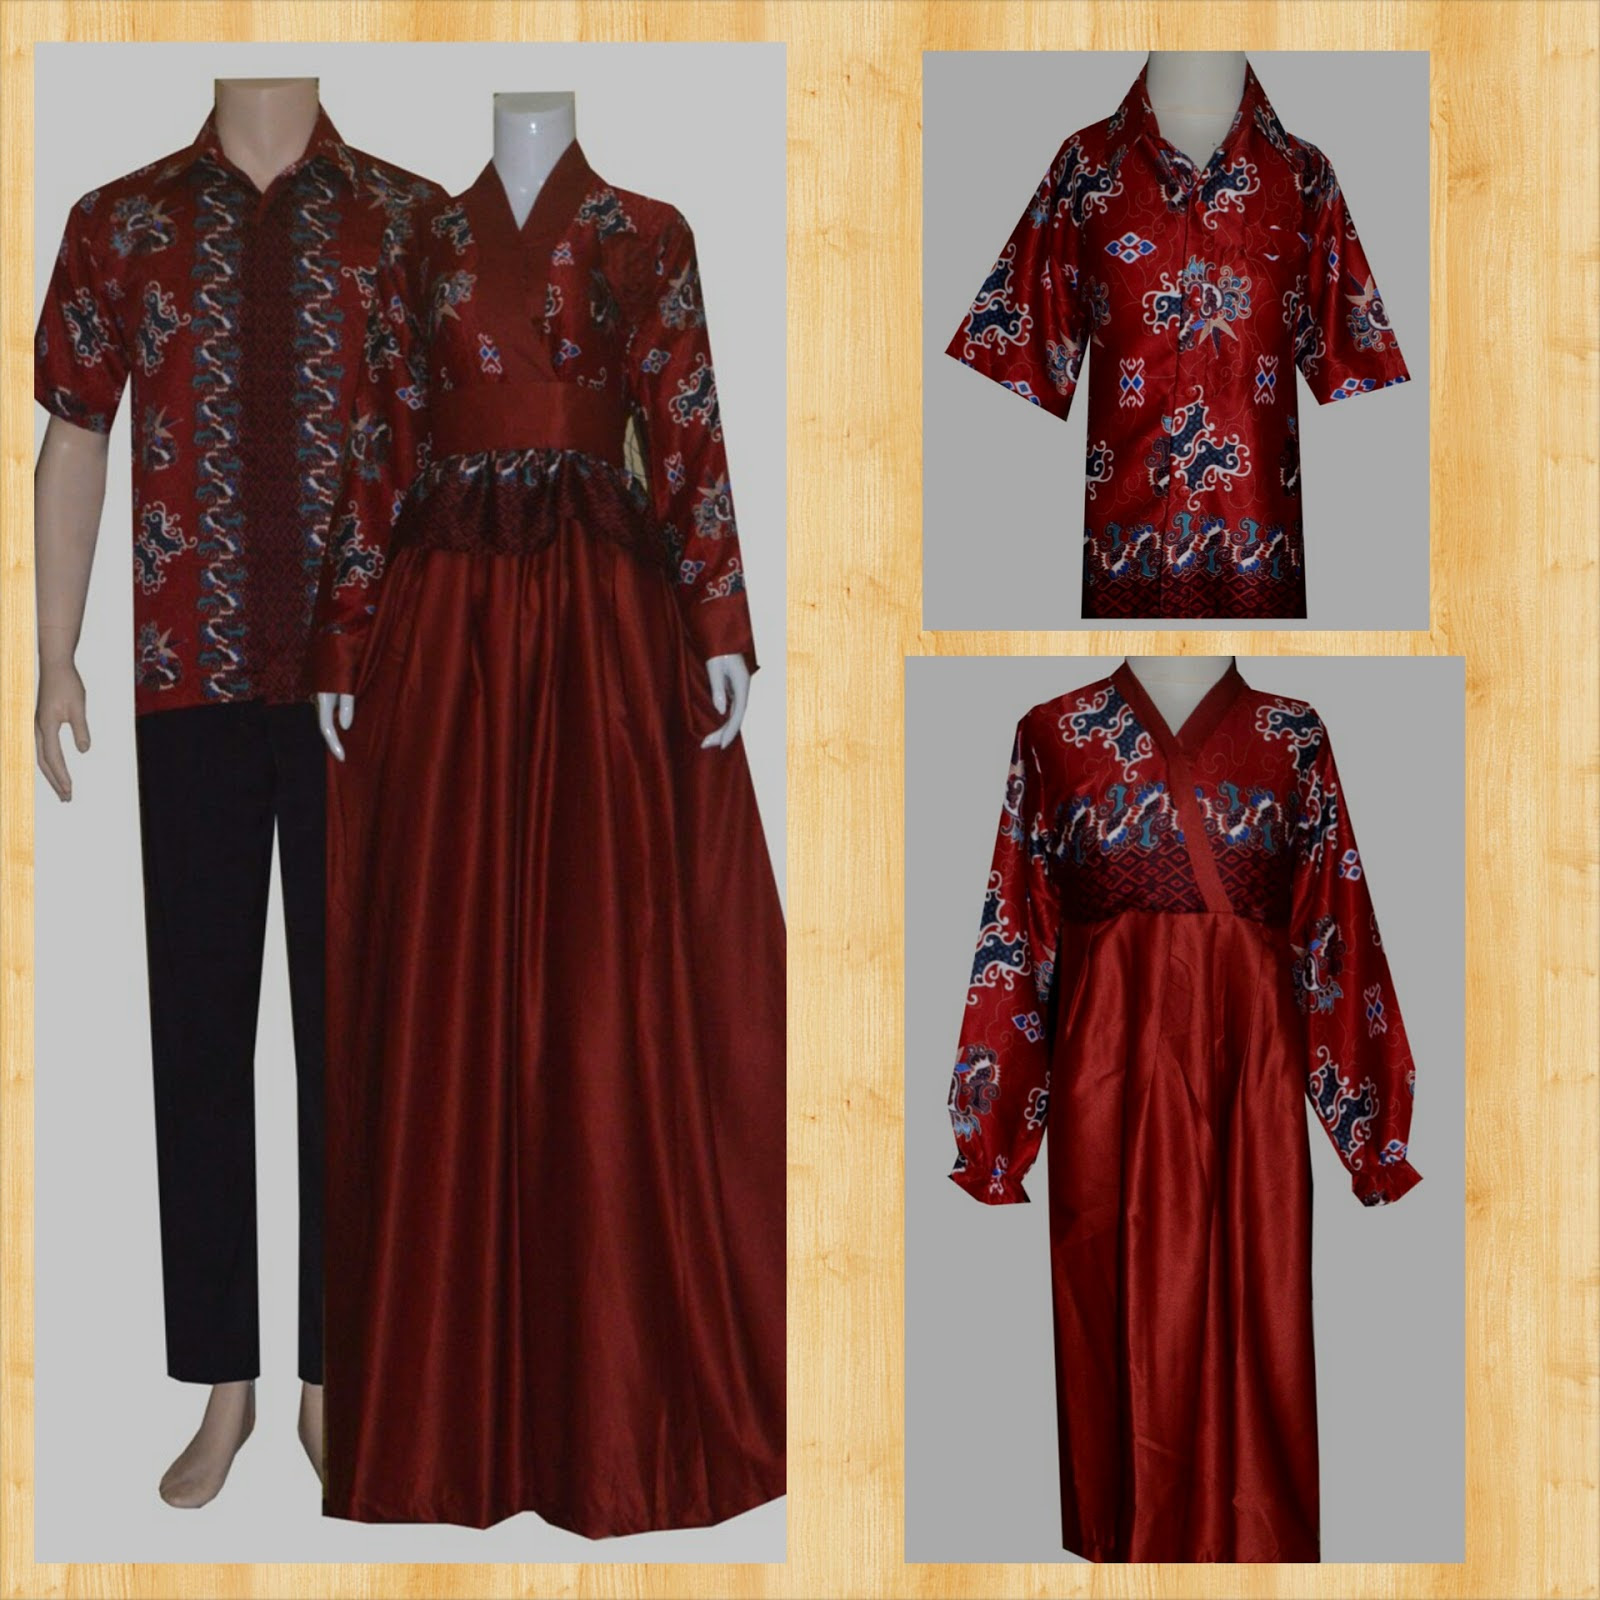 Koleksi Gambar Model Baju Hamil Batik Gamis Muslim Terbaru: Baju Gamis Terbaru Untuk Orang Tua